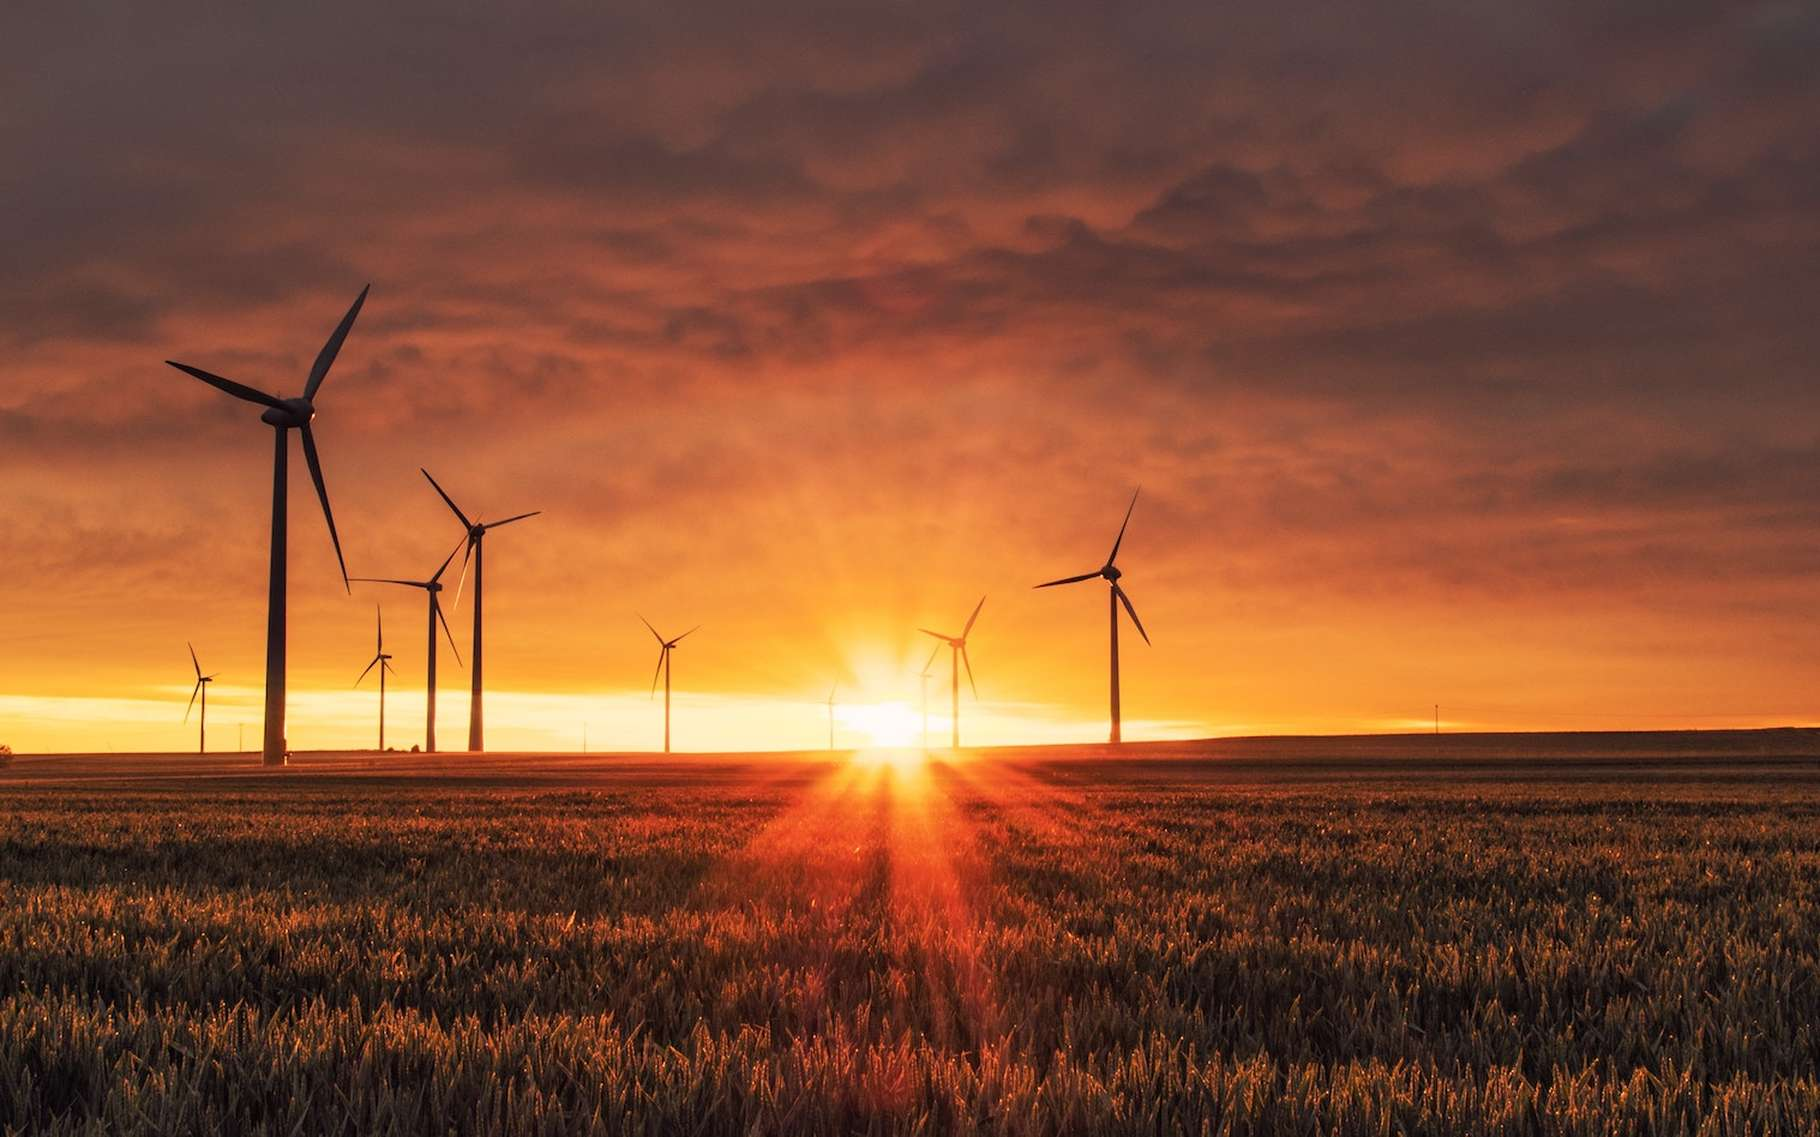 Des chercheurs de Harvard ont pu observer des hausses de températures au sol aux abords des fermes éoliennes. Ils ont ensuite projeté ces observations sur un scénario — qui reste fort peu probable — de «tout éolien». © Karsten Würth, Unsplash